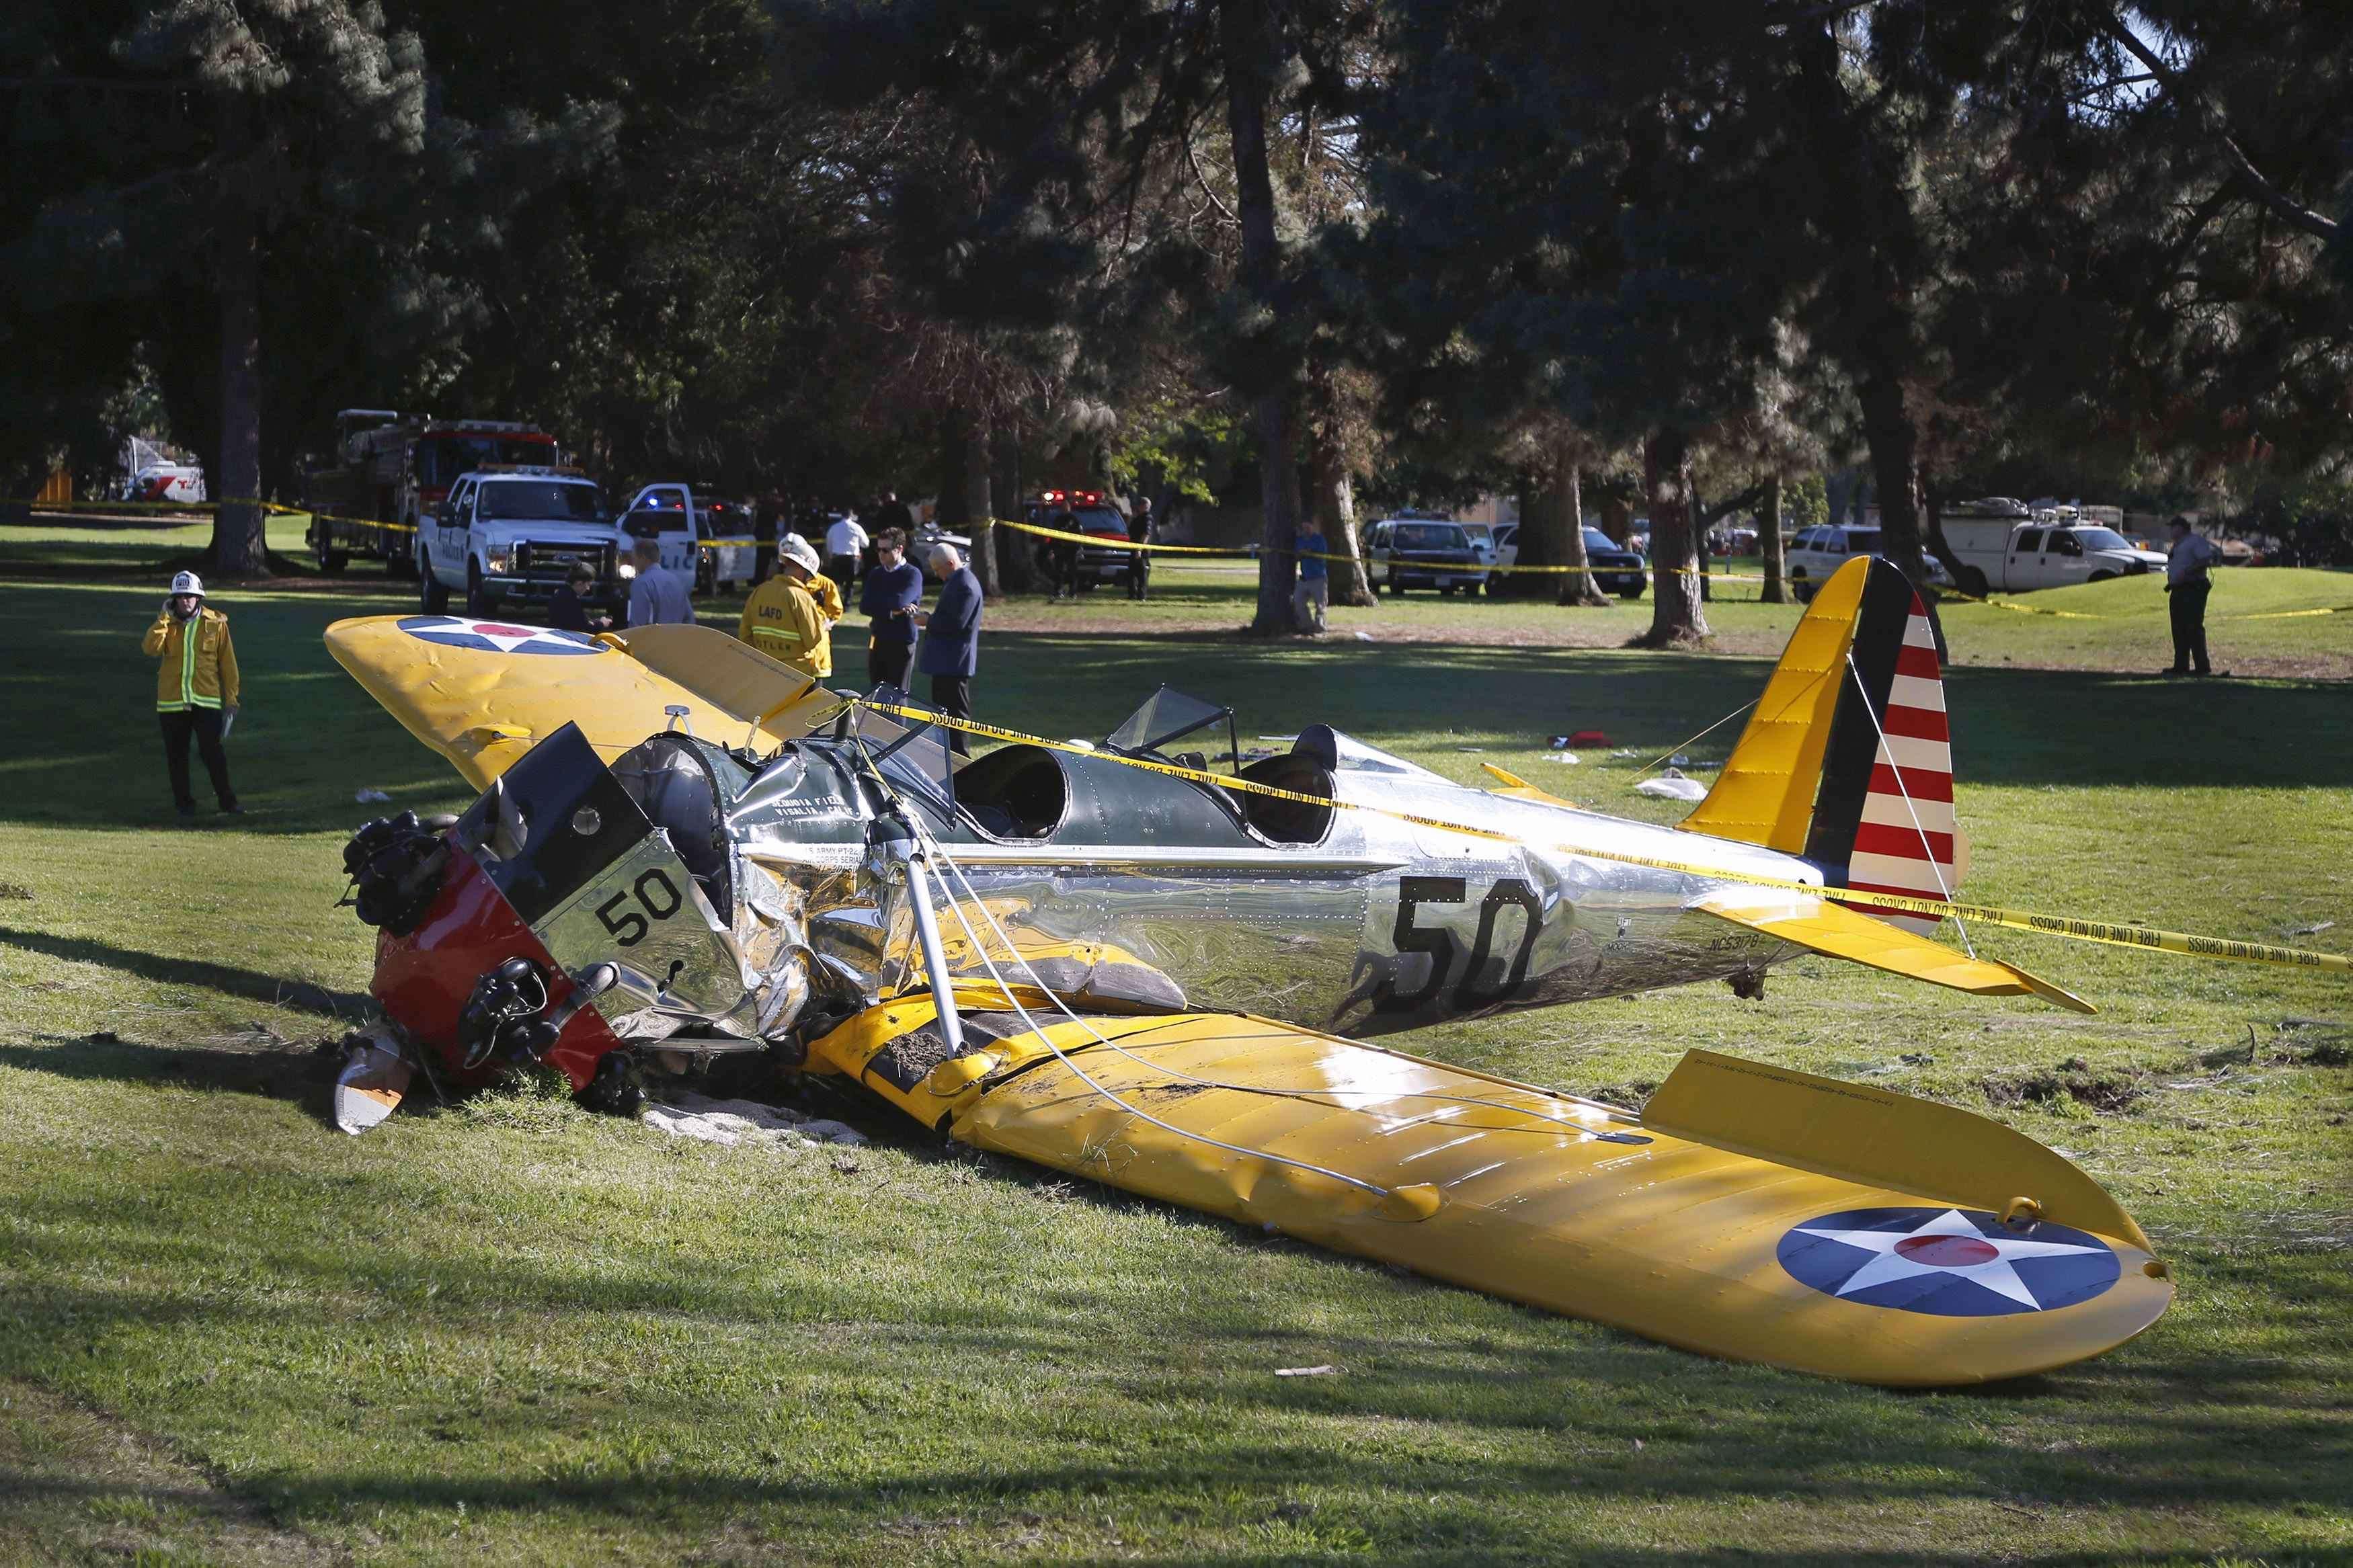 Harrison Ford había retrasado el rodaje de su escenas para el episodio 7 de 'Star Wars' después de un accidente piloteando el 'Halcón Milenario'. Foto: Reuters en español